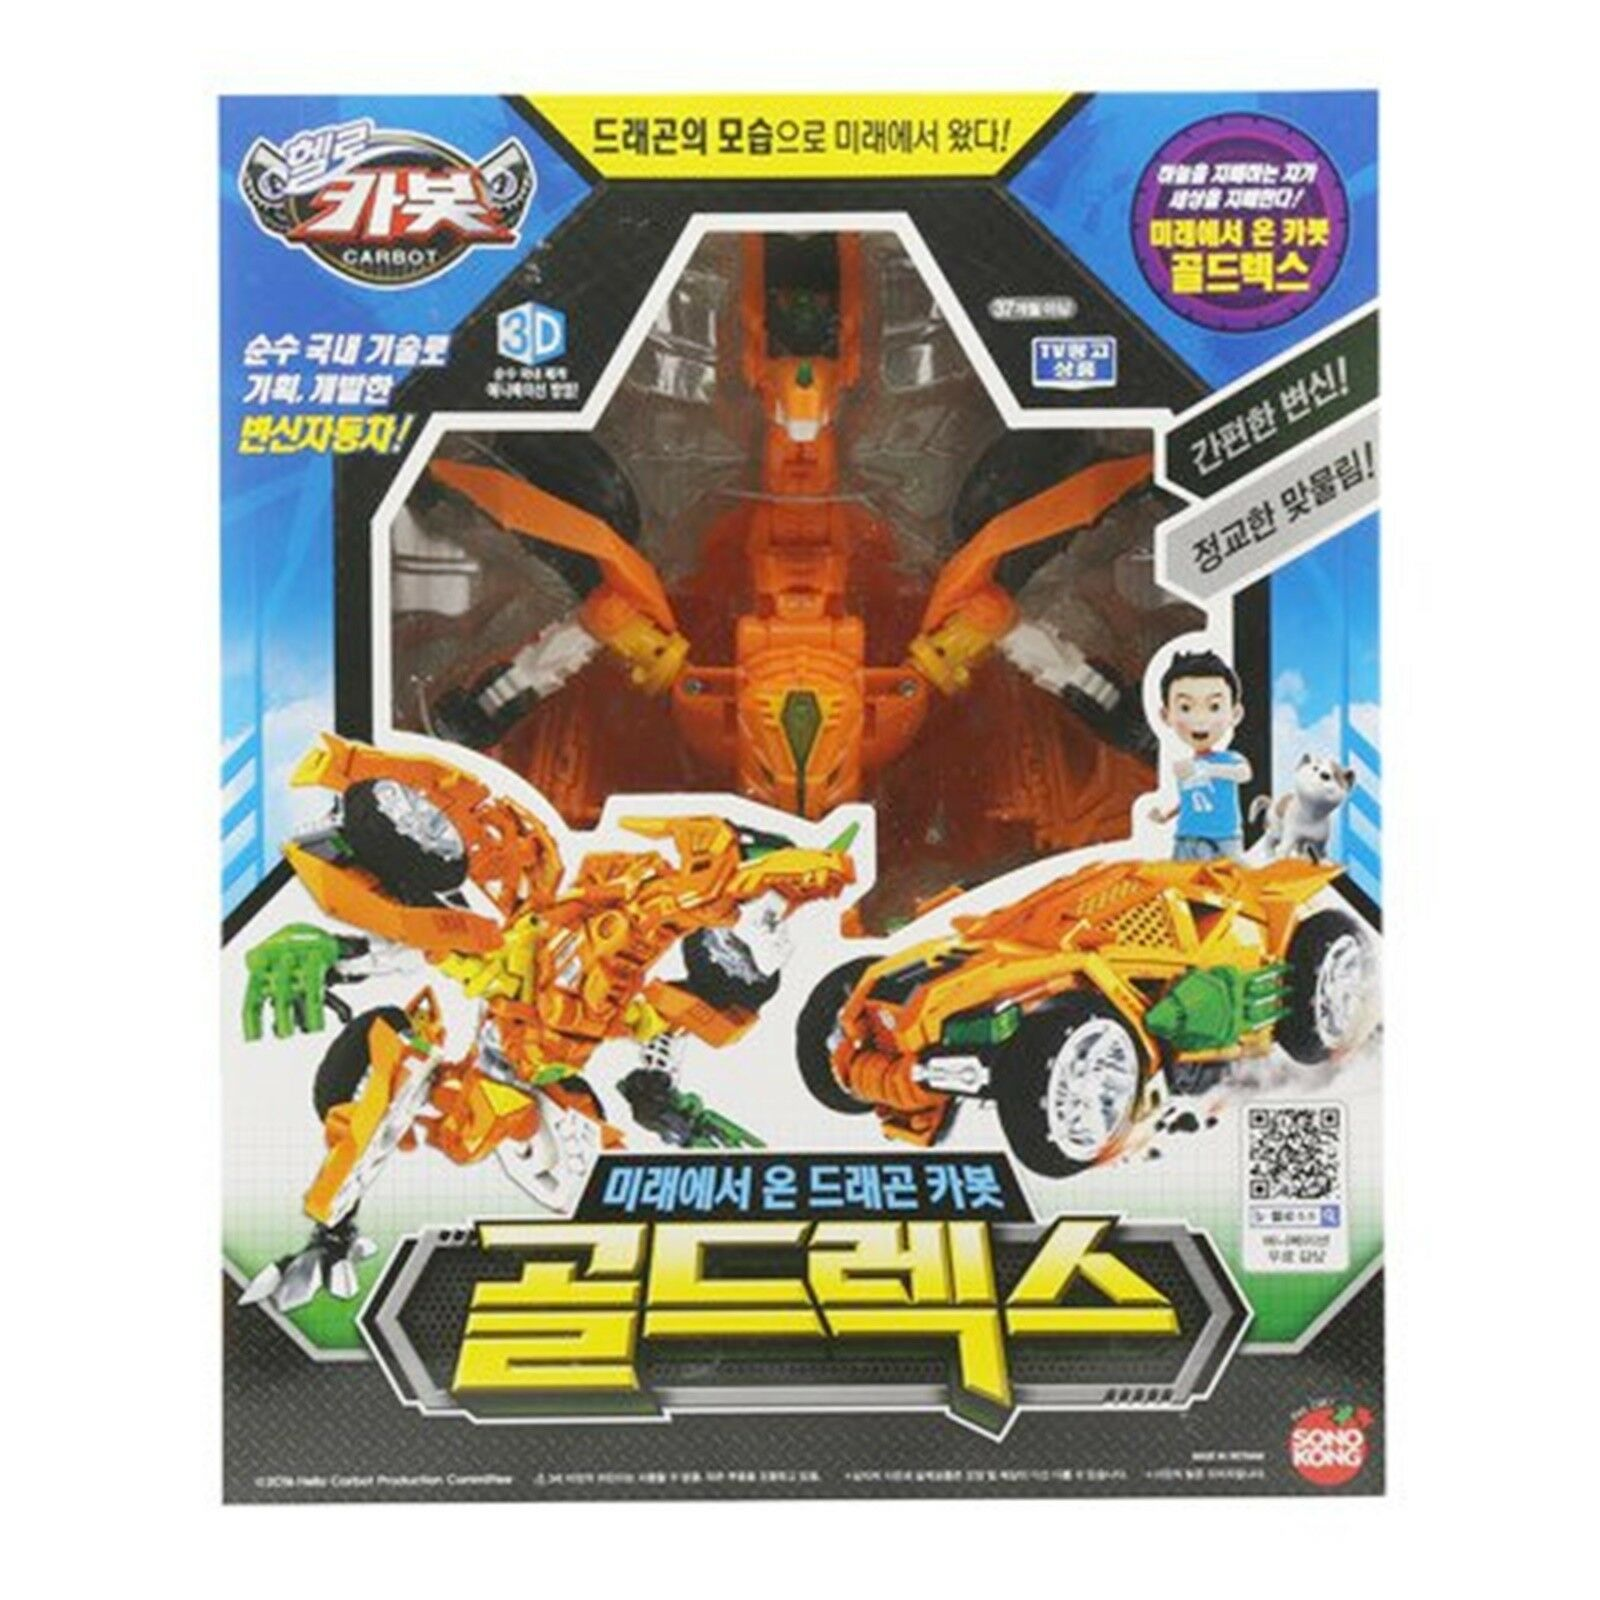 Hello autobot oroREX Dragon Transformer Robot Future auto bambini giocattolo  oro Rex  spedizione gratuita!